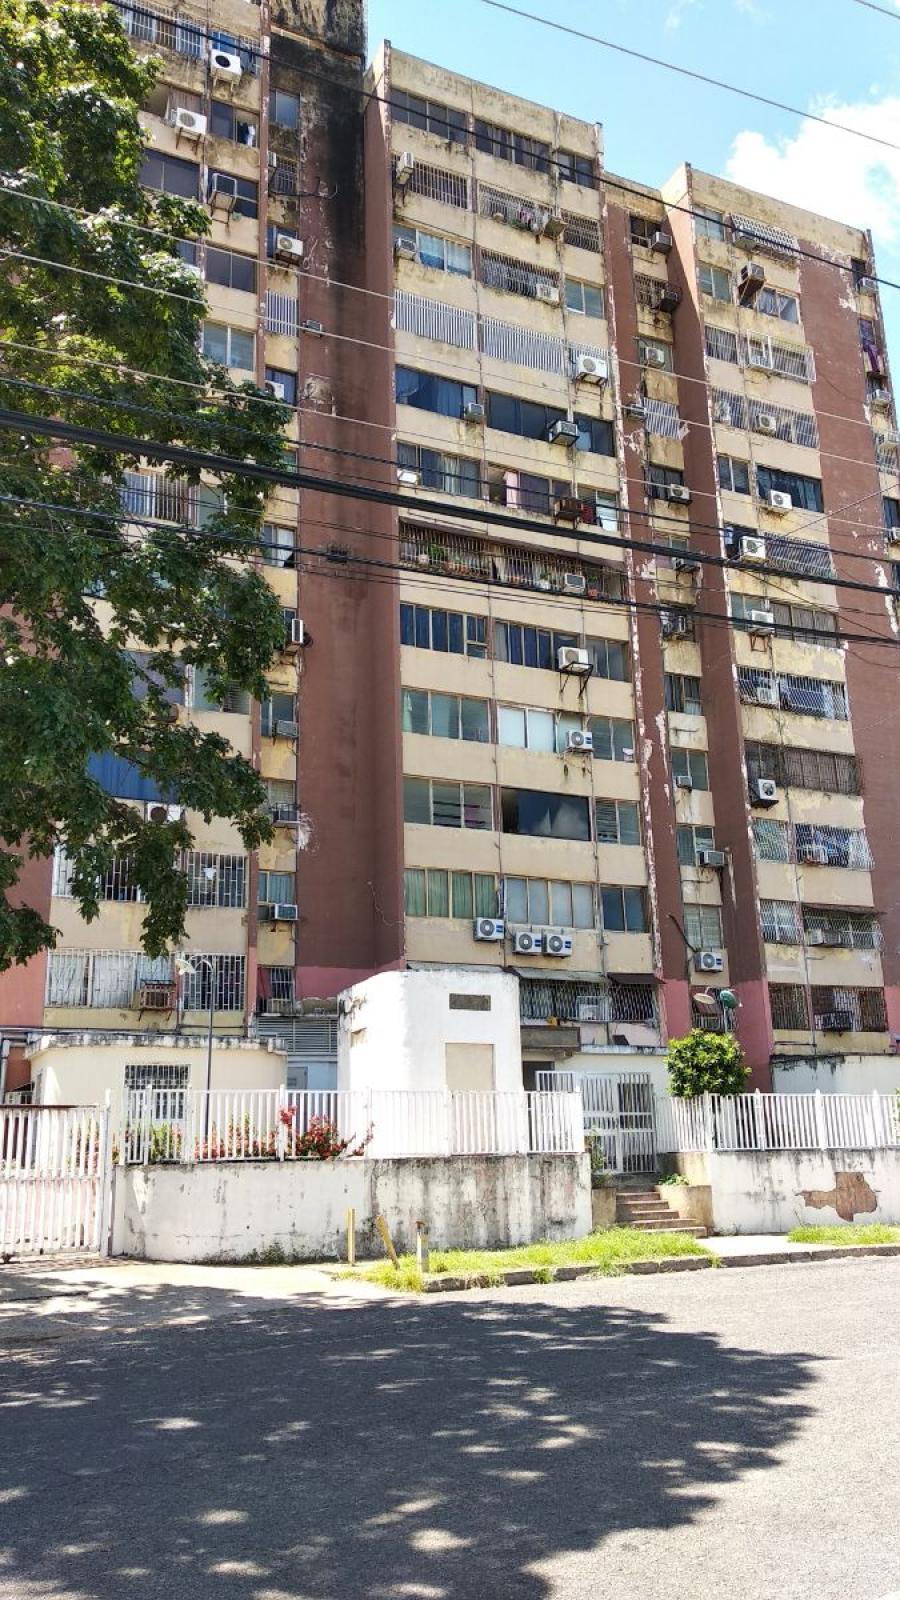 Foto Apartamento en Venta en UNIVERSIDAD, Ciudad Guayana, Bol�var - U$D 10.500 - APV132087 - BienesOnLine